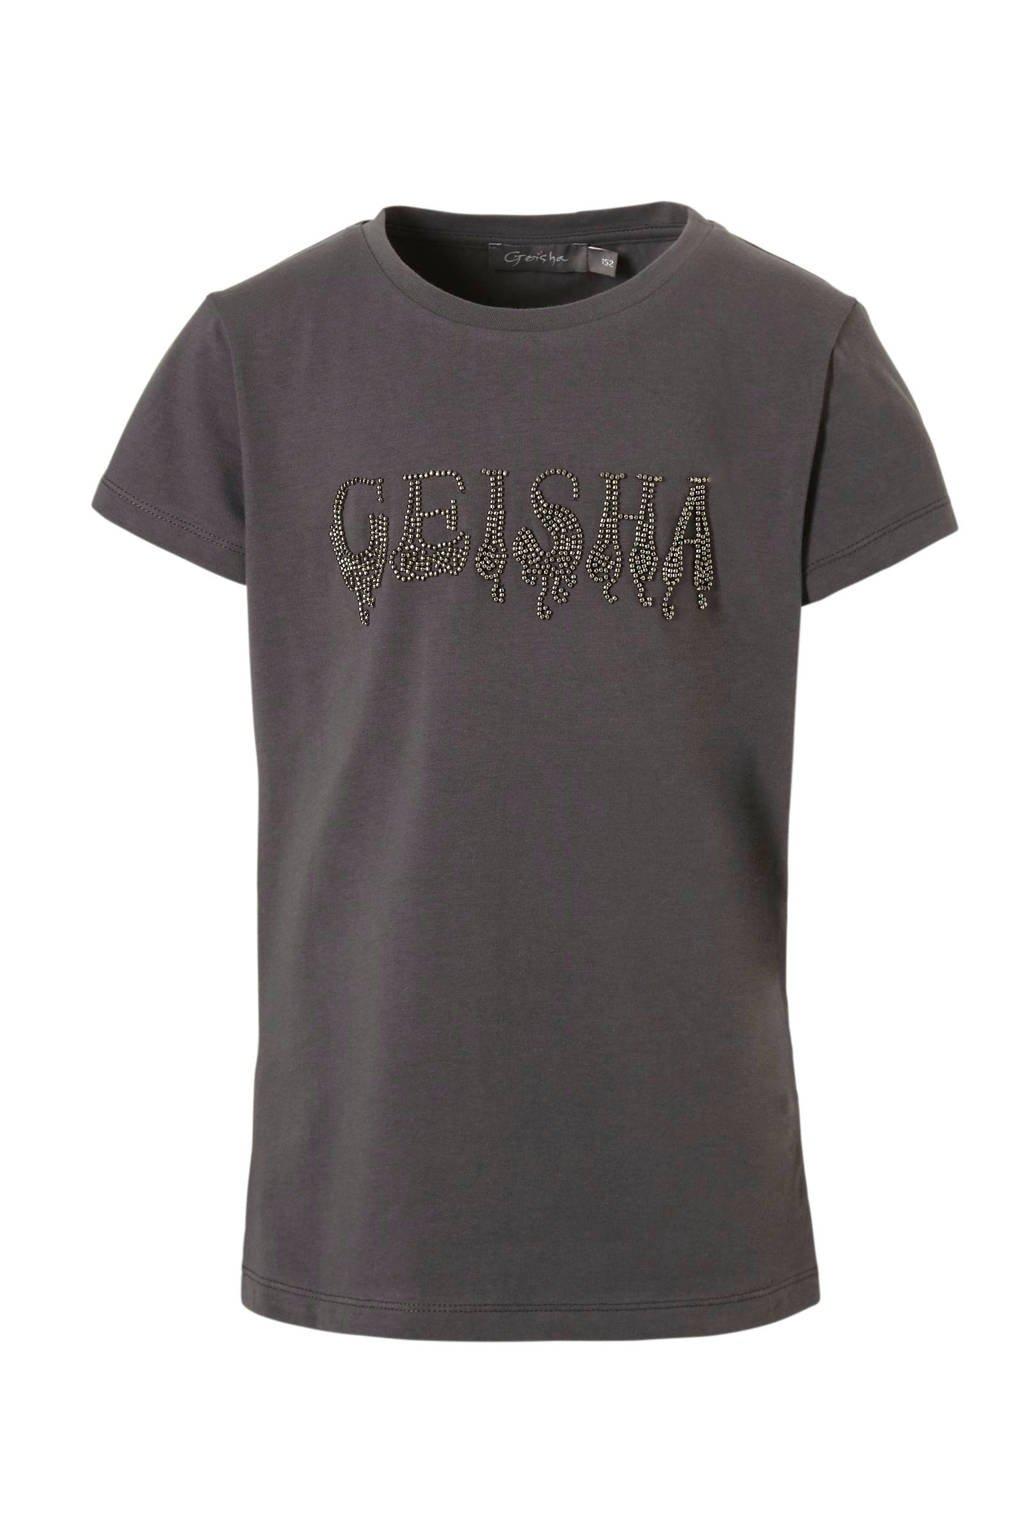 Geisha T-shirt met kraaltjes tekst grijs, Antraciet